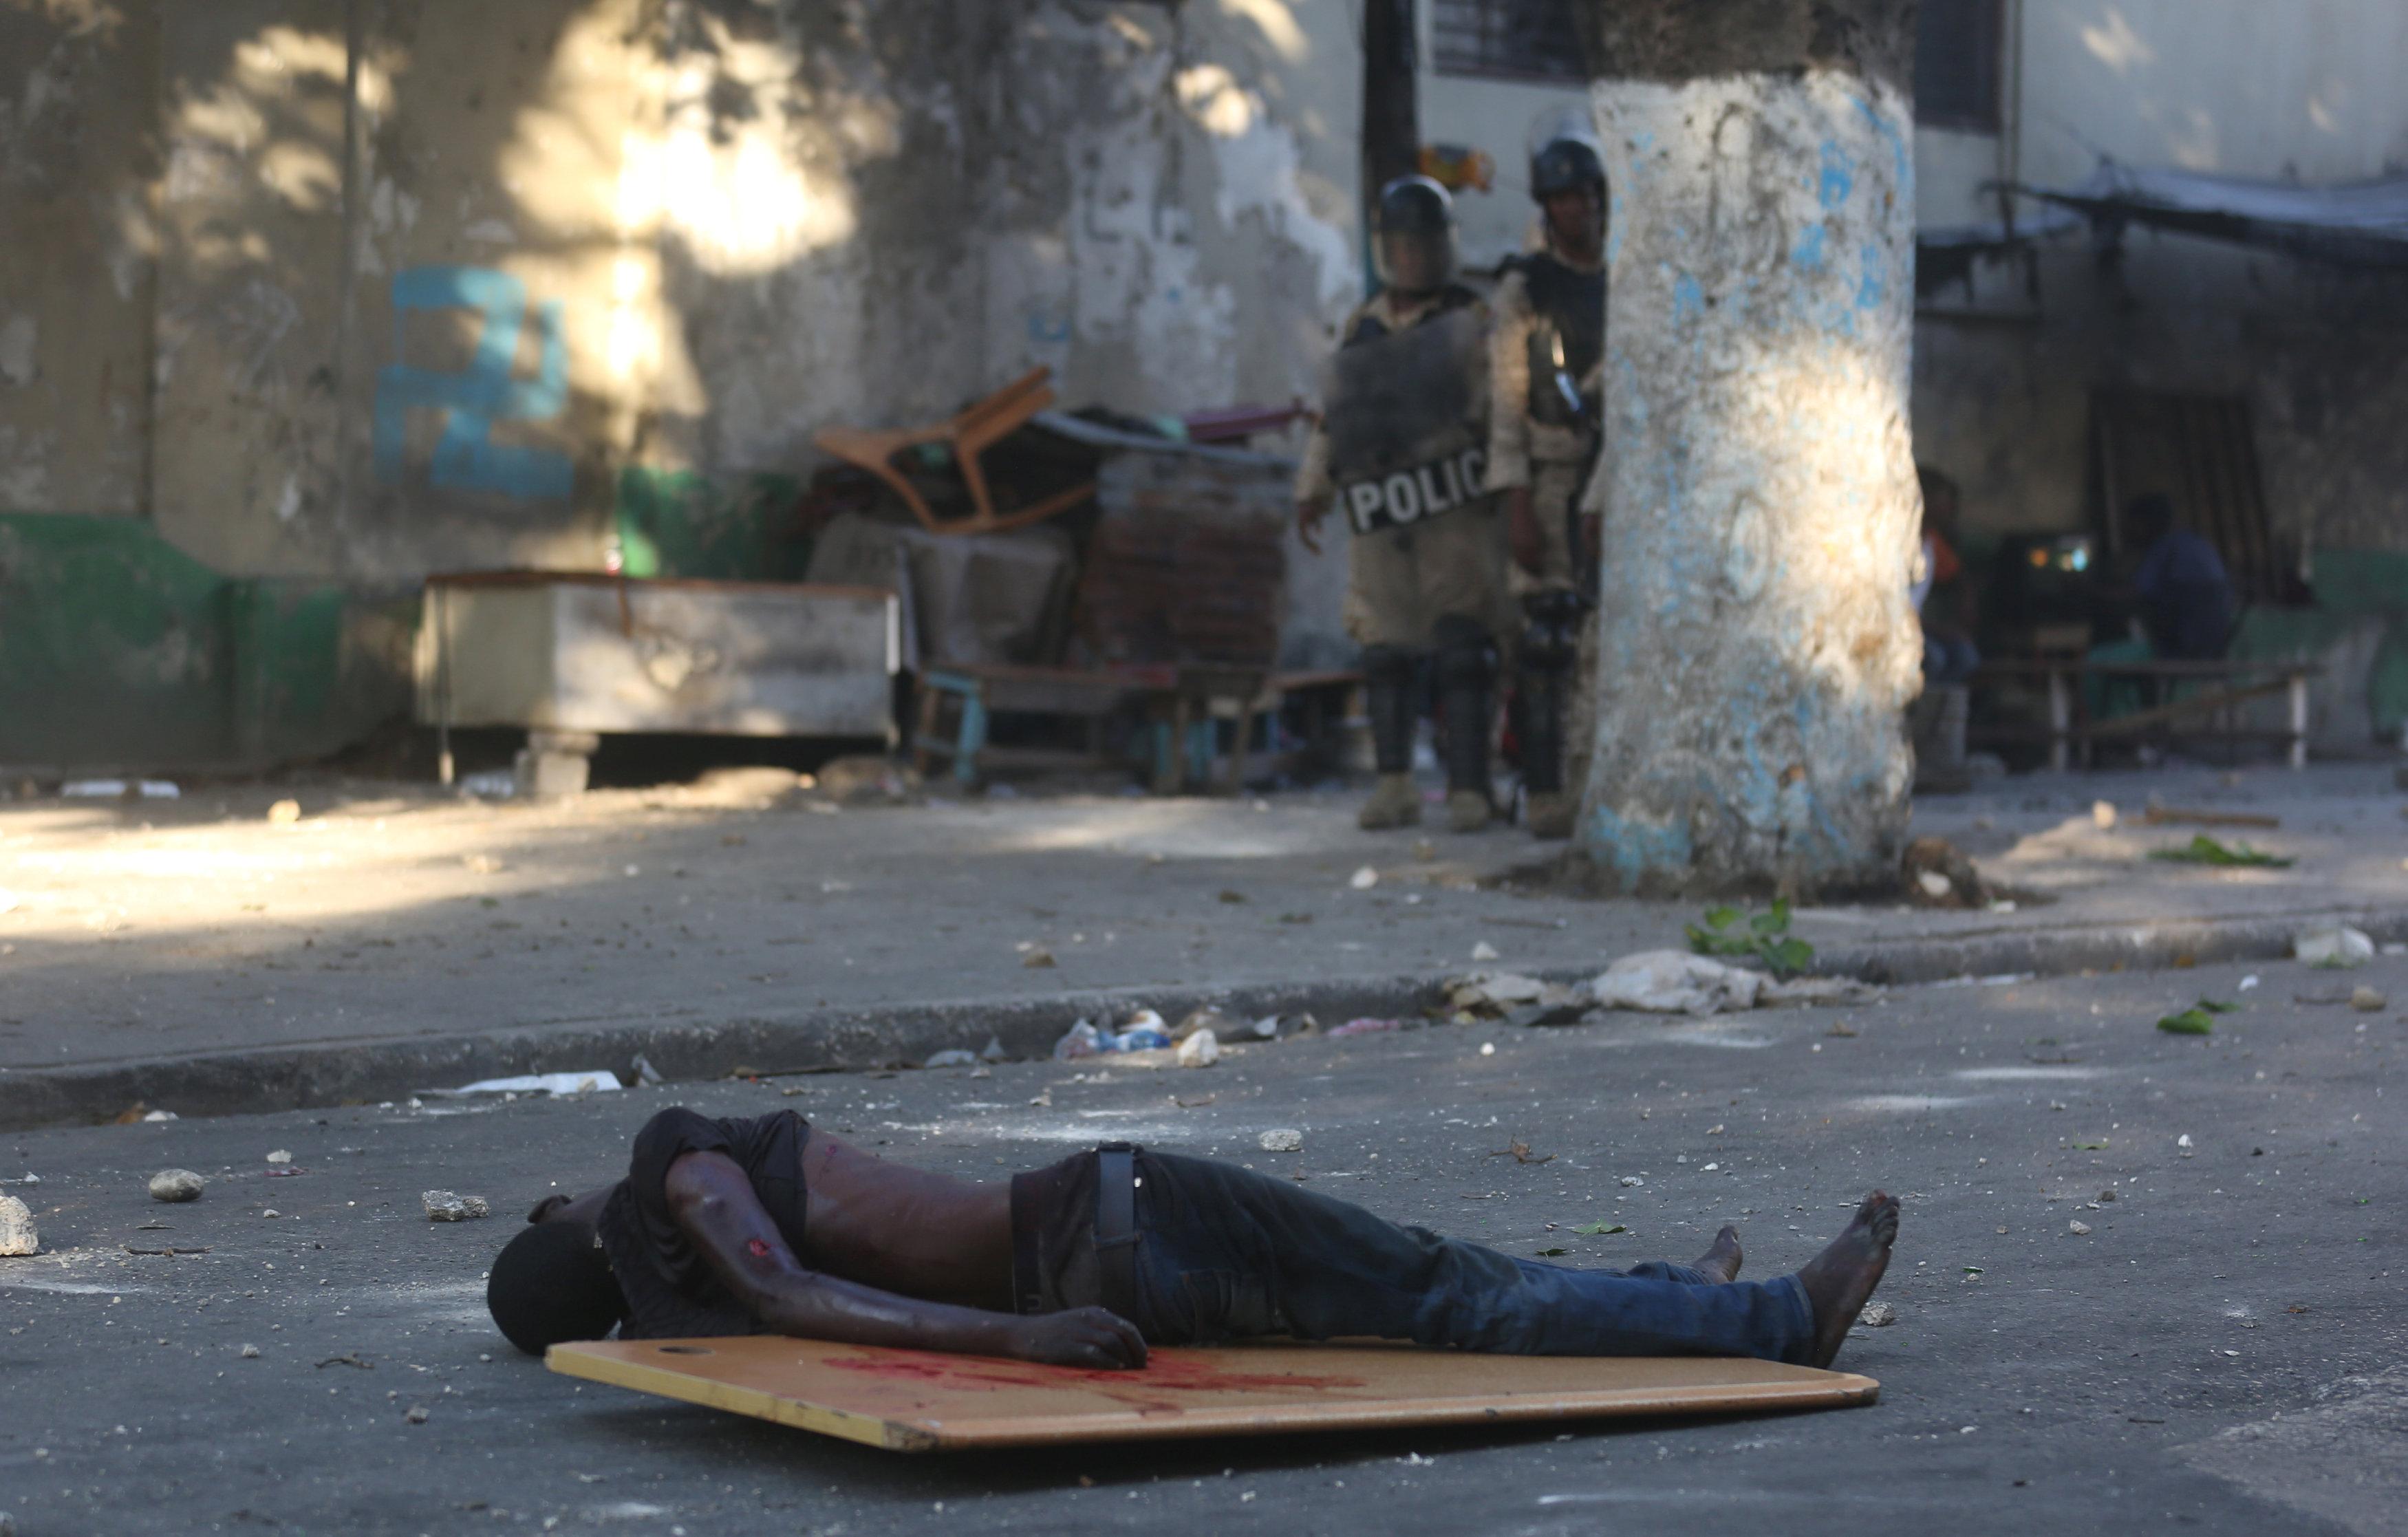 شوارع هايتى تتحول لساحة حرب خلال مظاهرات عنيفة  (5)